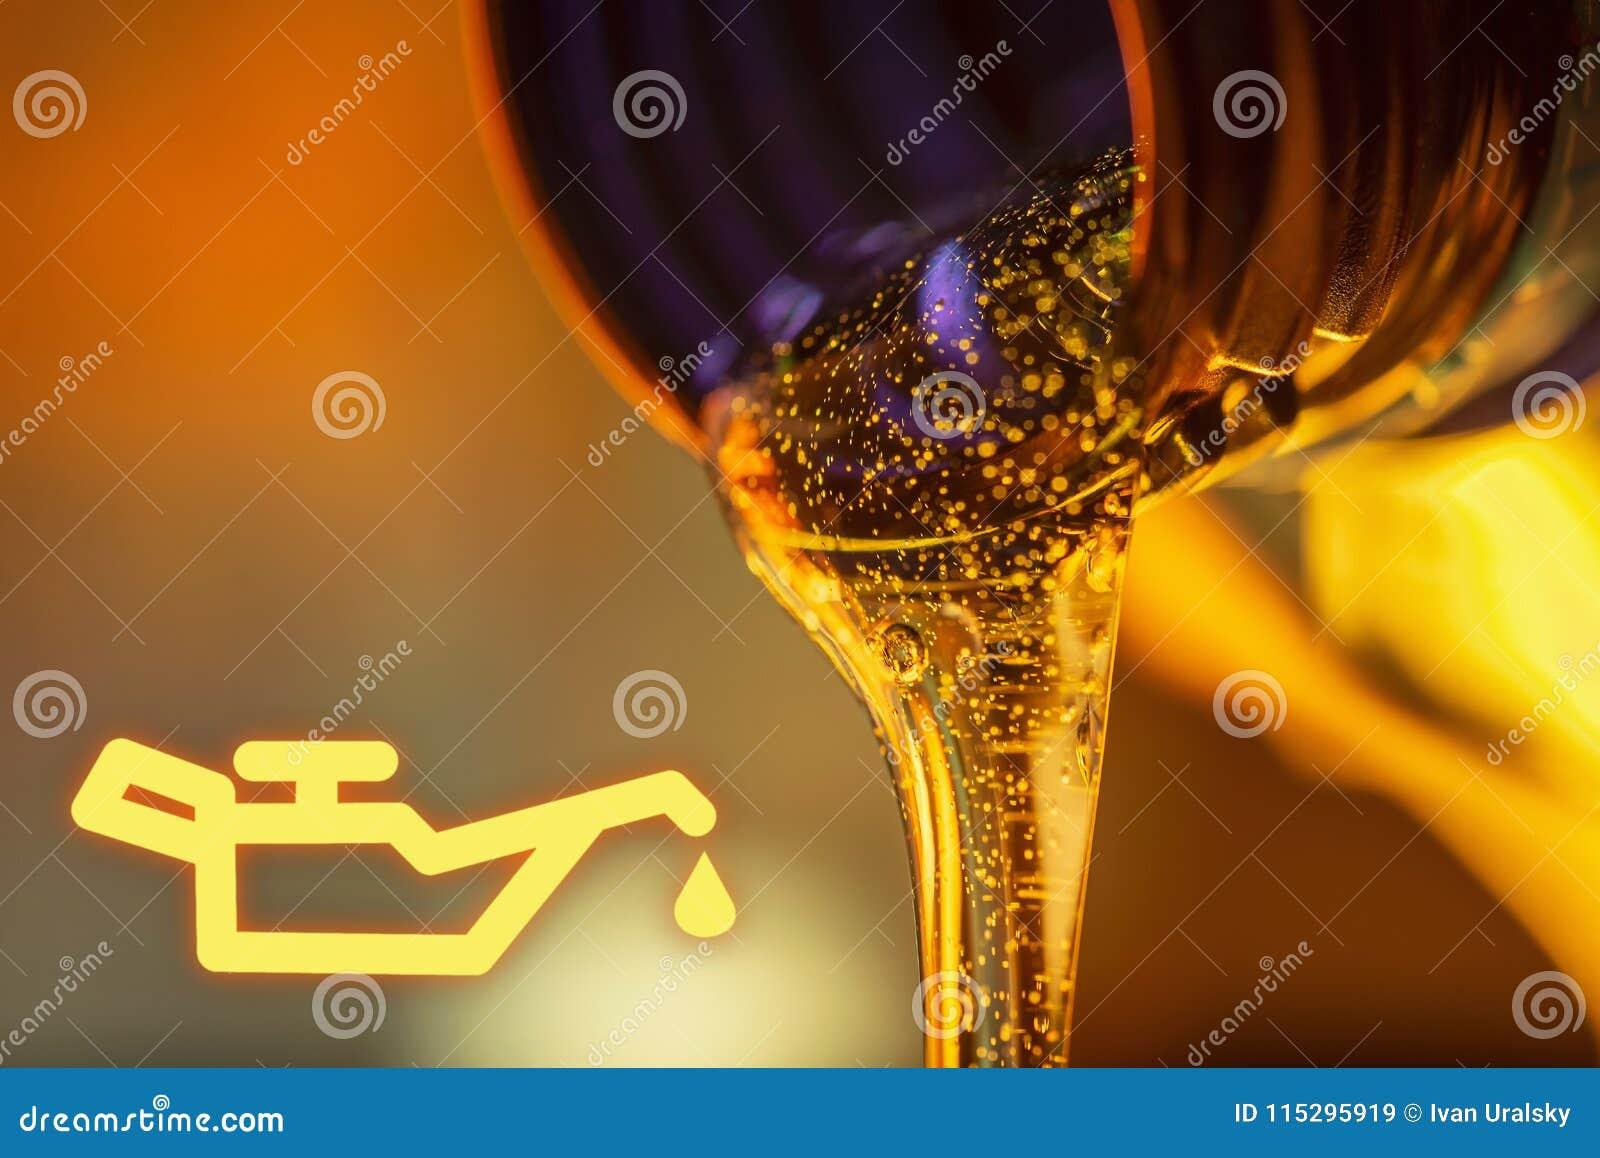 Basse lampe de pression d huile et courant de liquide des écoulements d huile de moteur de moto du cou du plan rapproché de boute